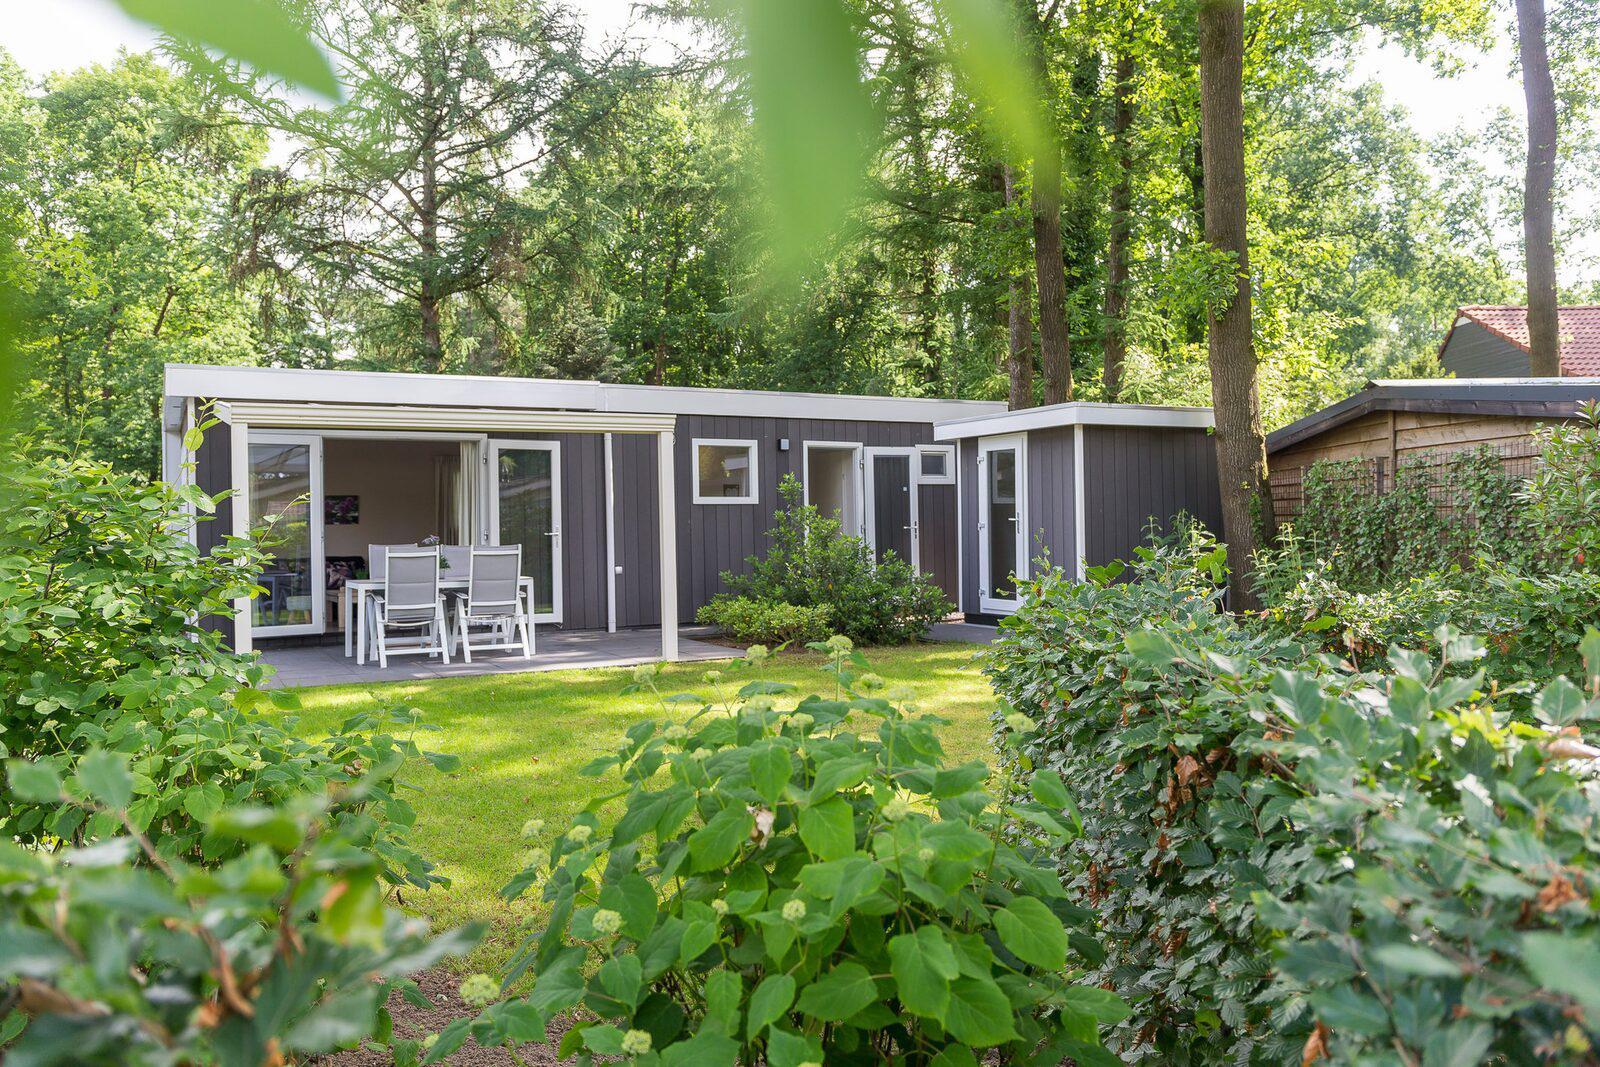 Park Lodge 4 personen Jacuzzi